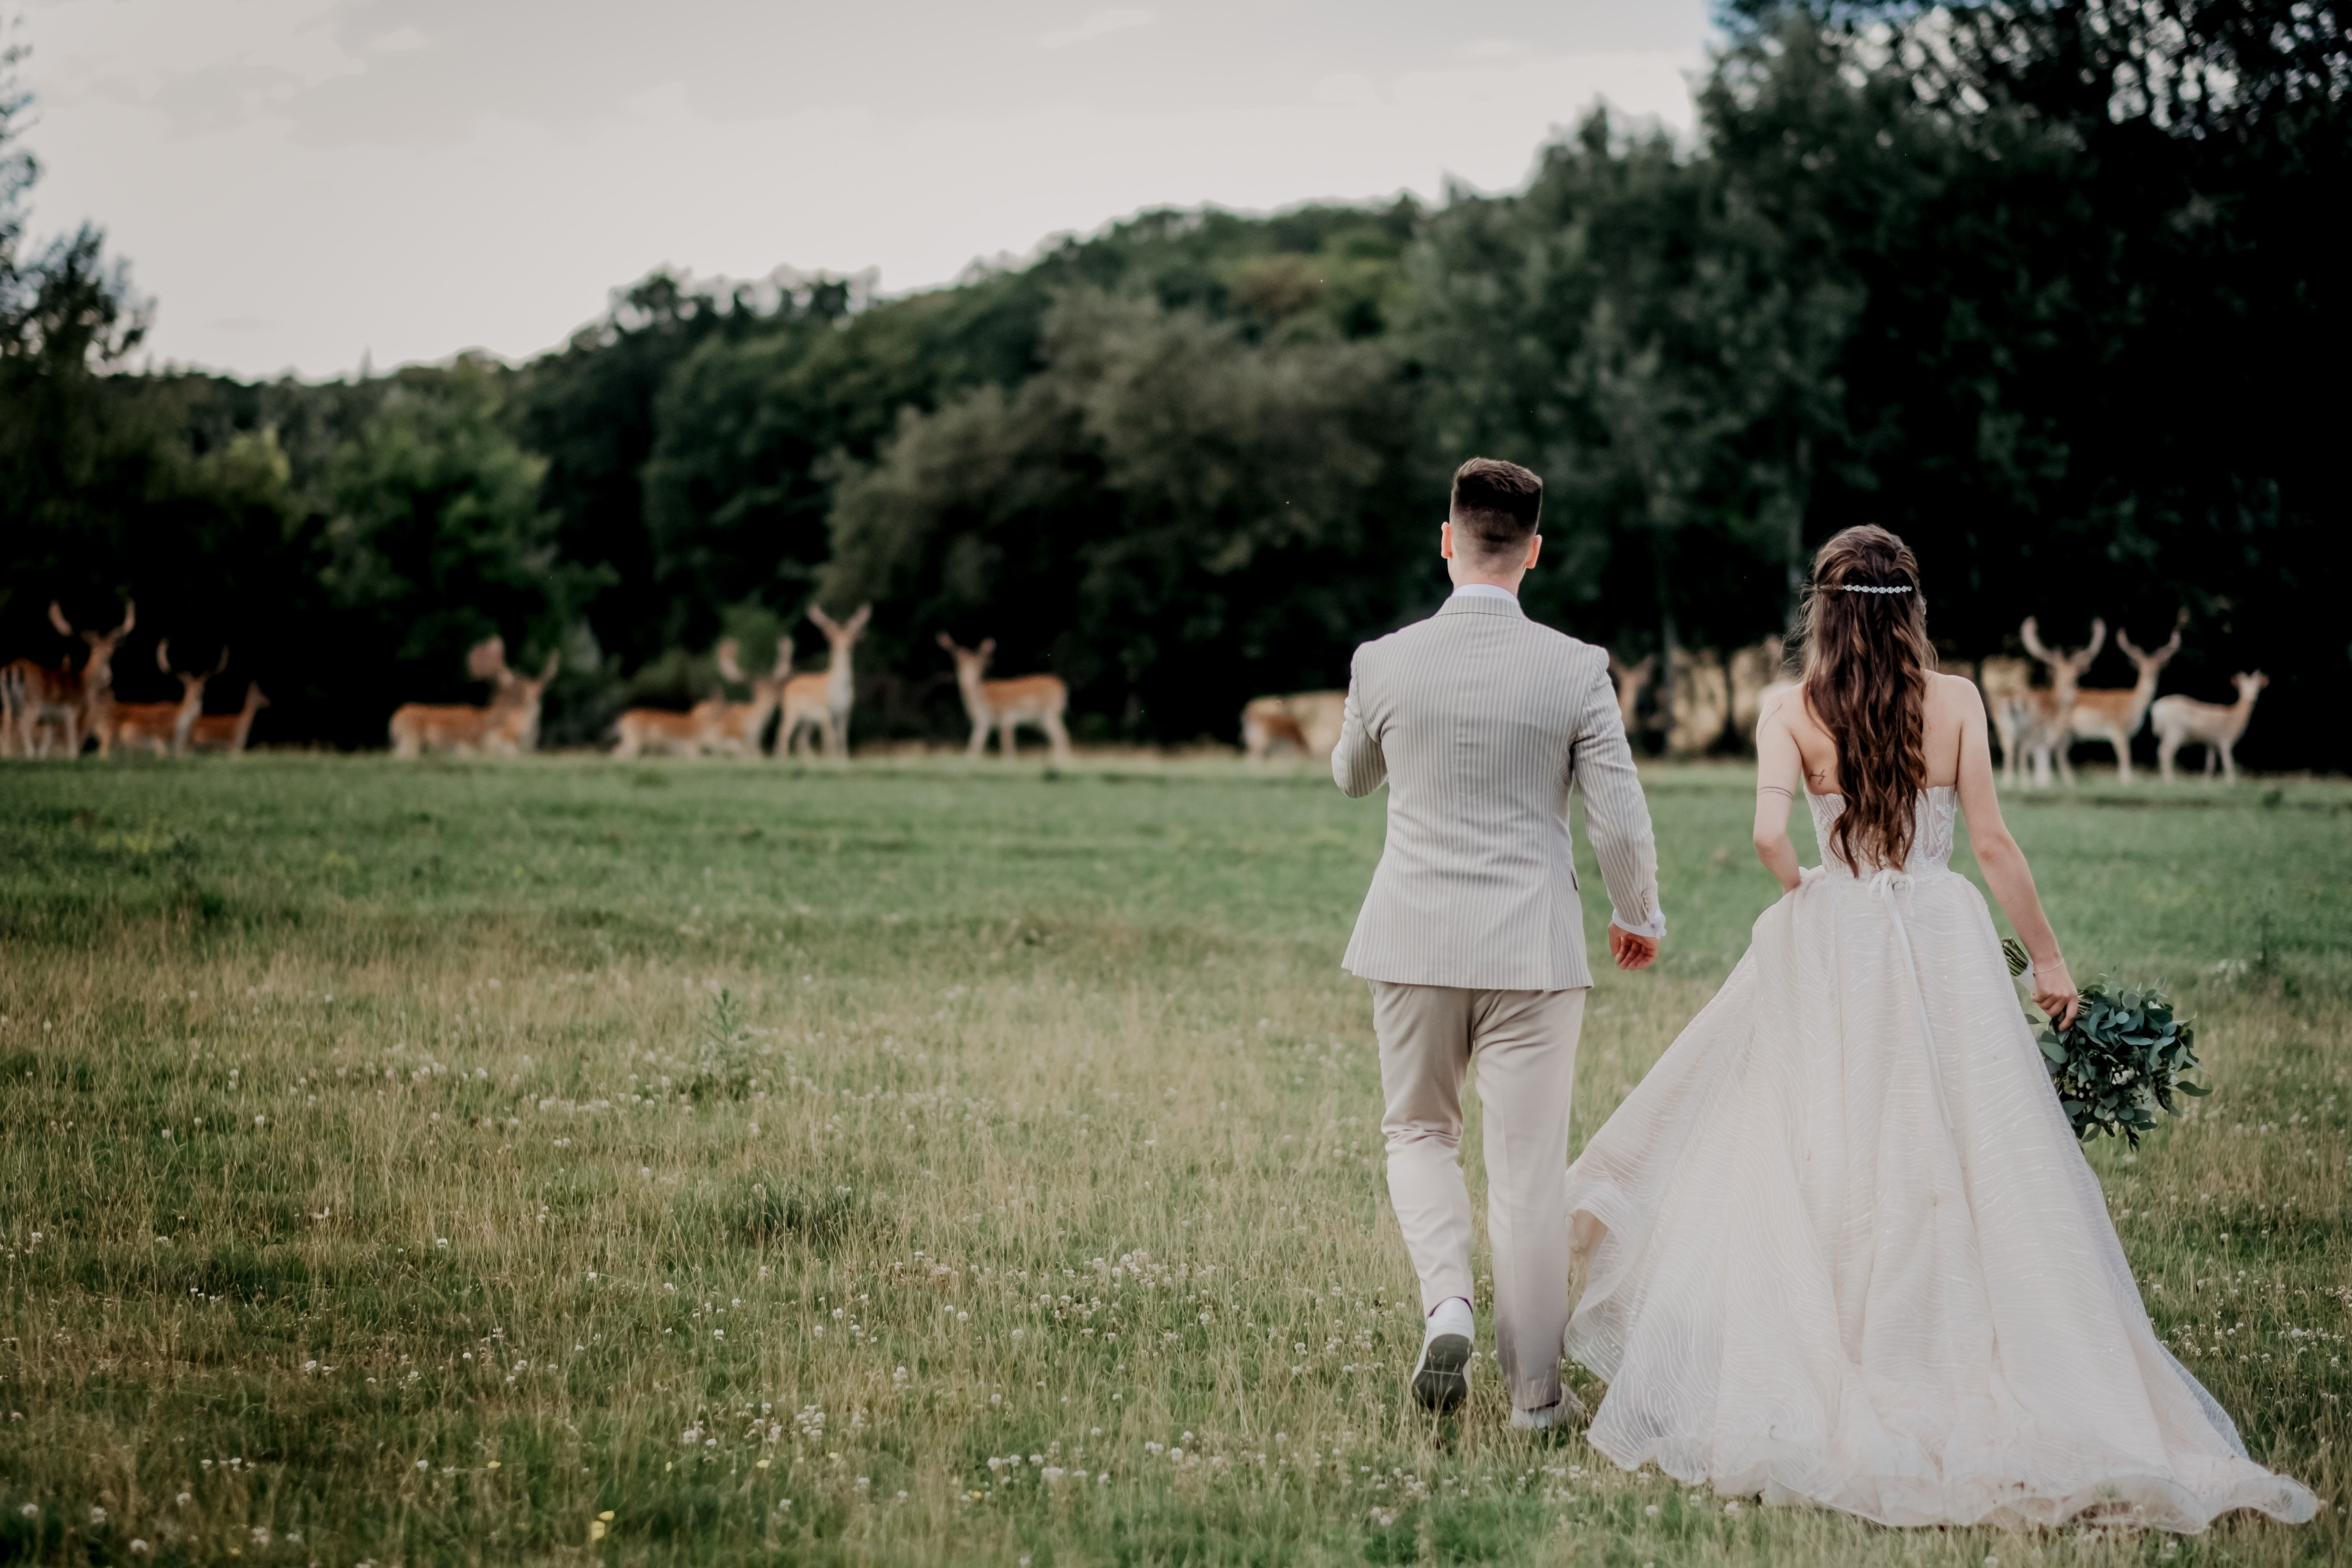 結婚式のオススメ曲 5000組が選んだ人気のbgmランキング 結婚式 曲 ウェディング Bgm ウェディング